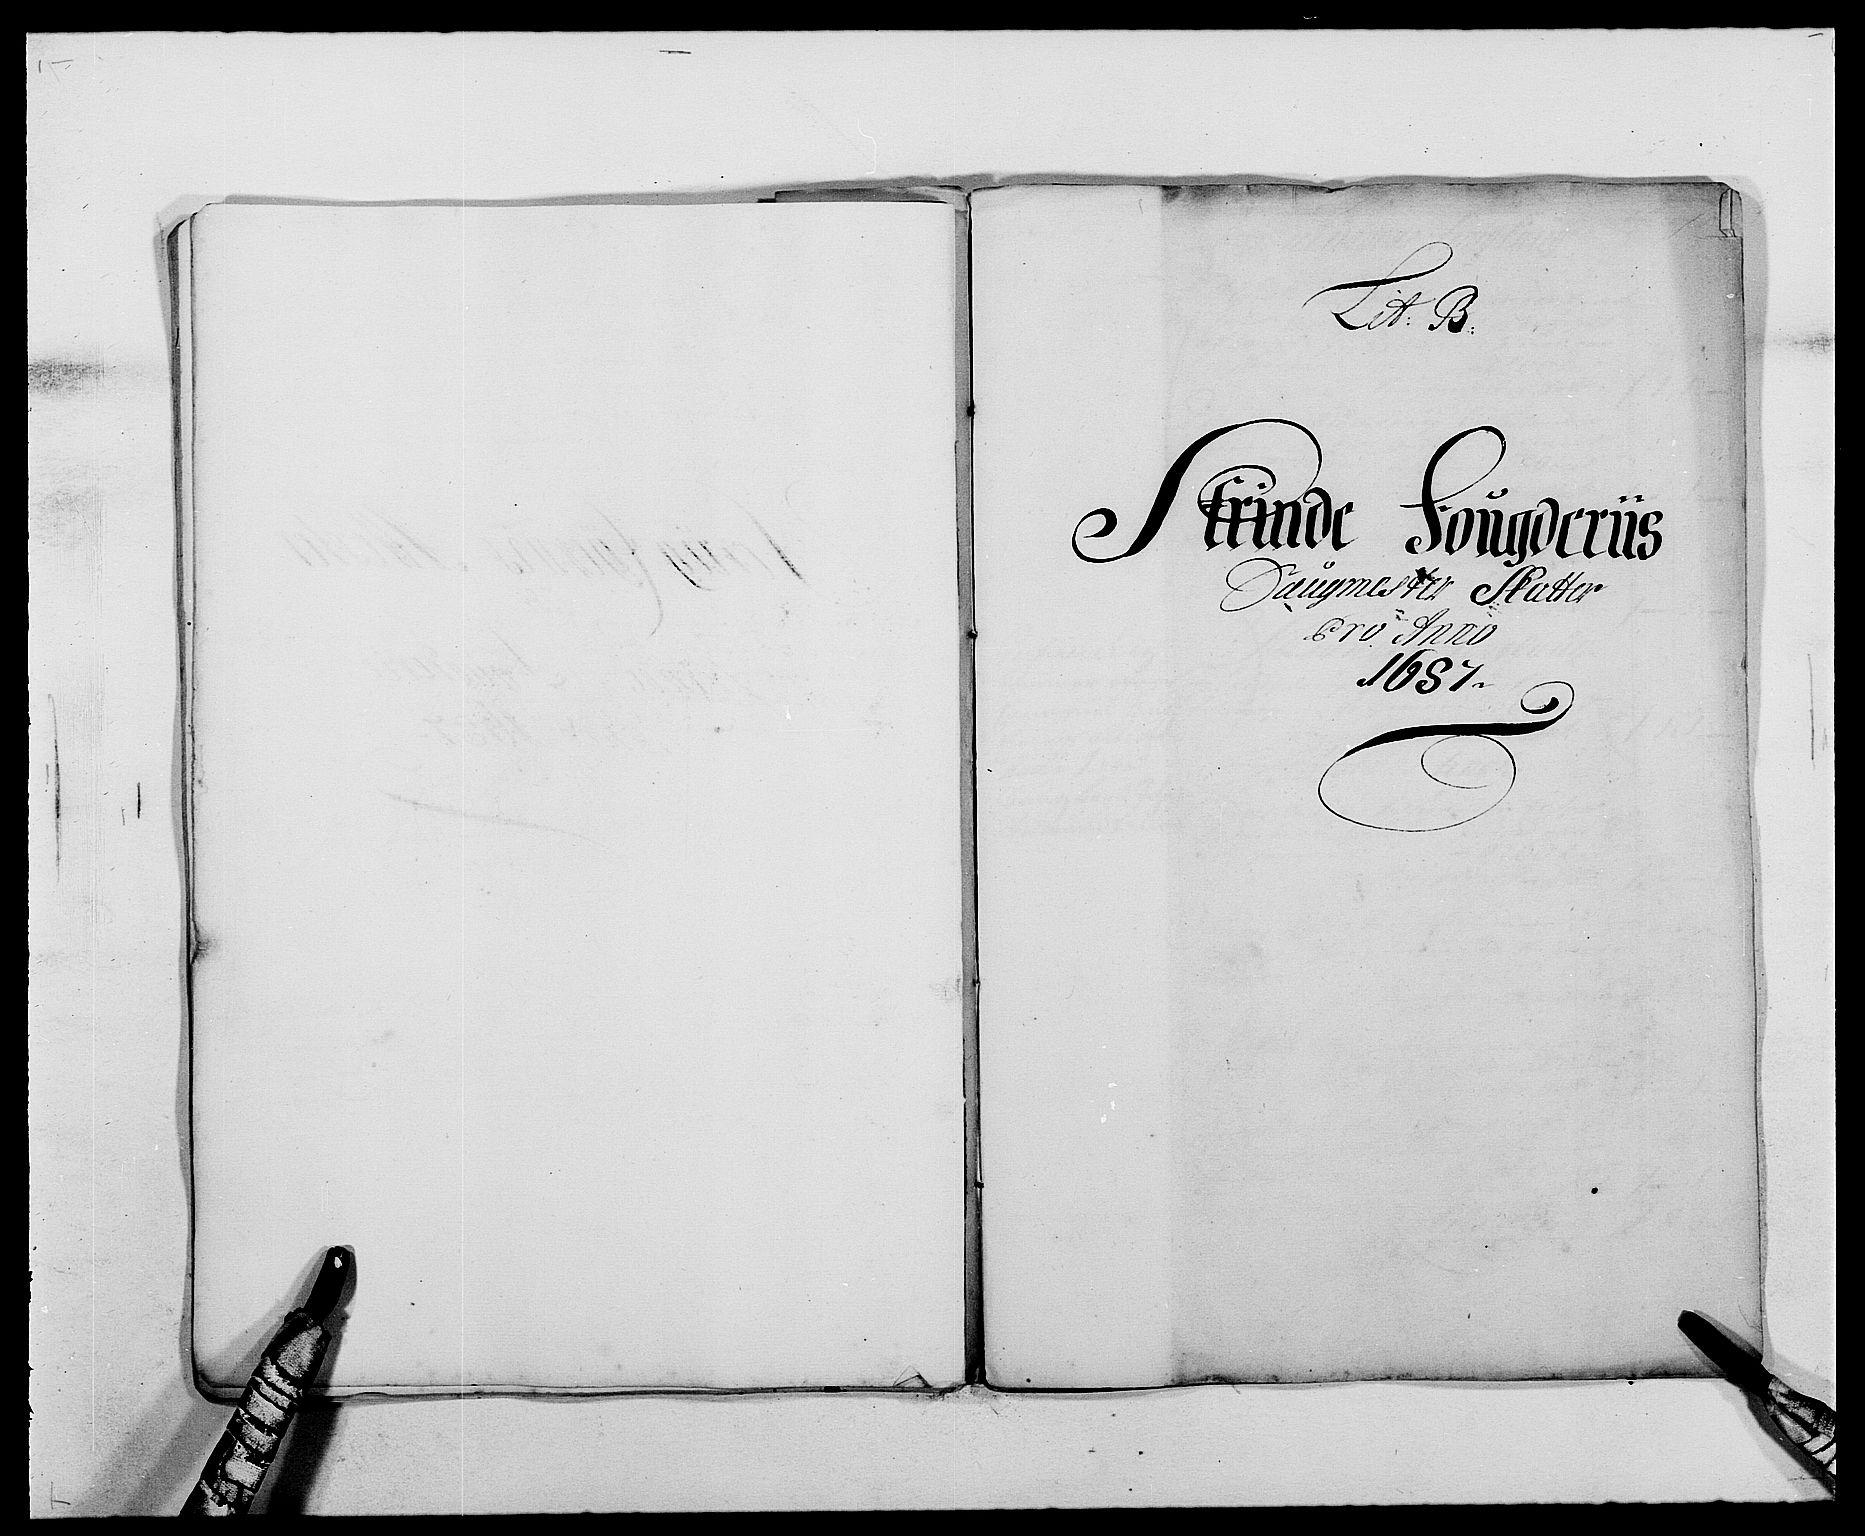 RA, Rentekammeret inntil 1814, Reviderte regnskaper, Fogderegnskap, R61/L4101: Fogderegnskap Strinda og Selbu, 1687-1688, s. 44